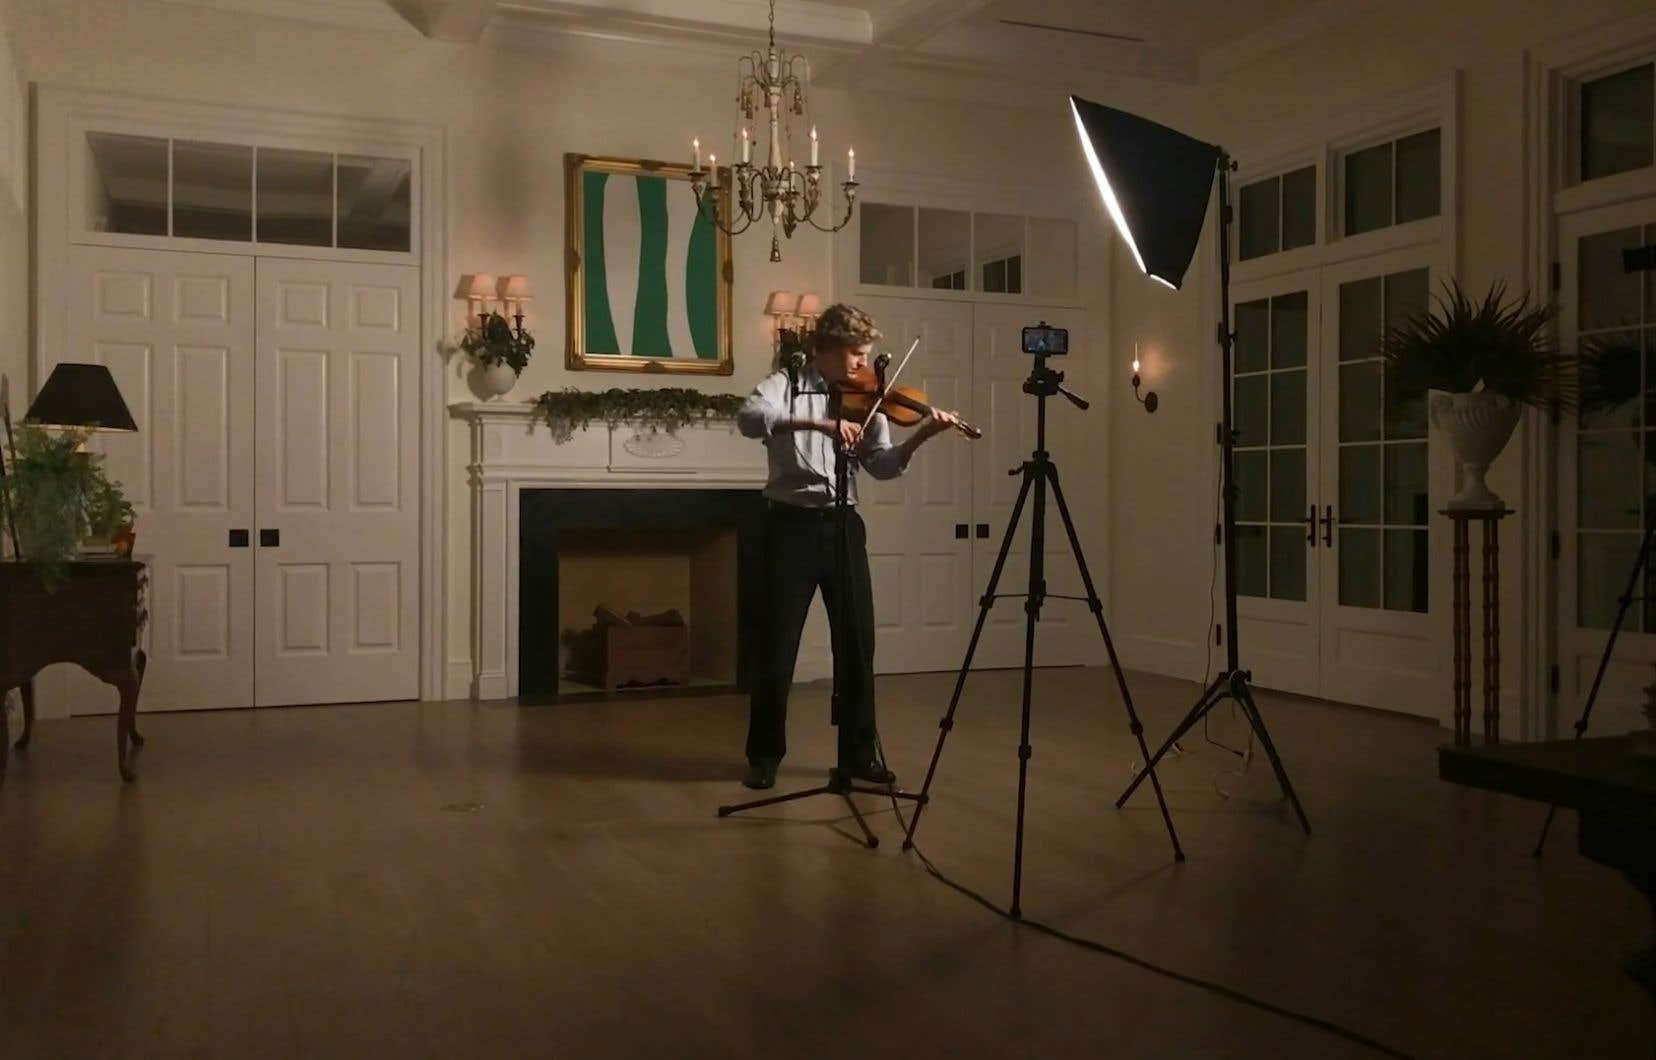 Le violoniste canadien James Ehnes se filme pour offrir ses «Recitals from Home» dans lesquels il revient aux essentiels du répertoire pour violon seul: lessonates et partitas de Bach et les sonates d'Ysaÿe.